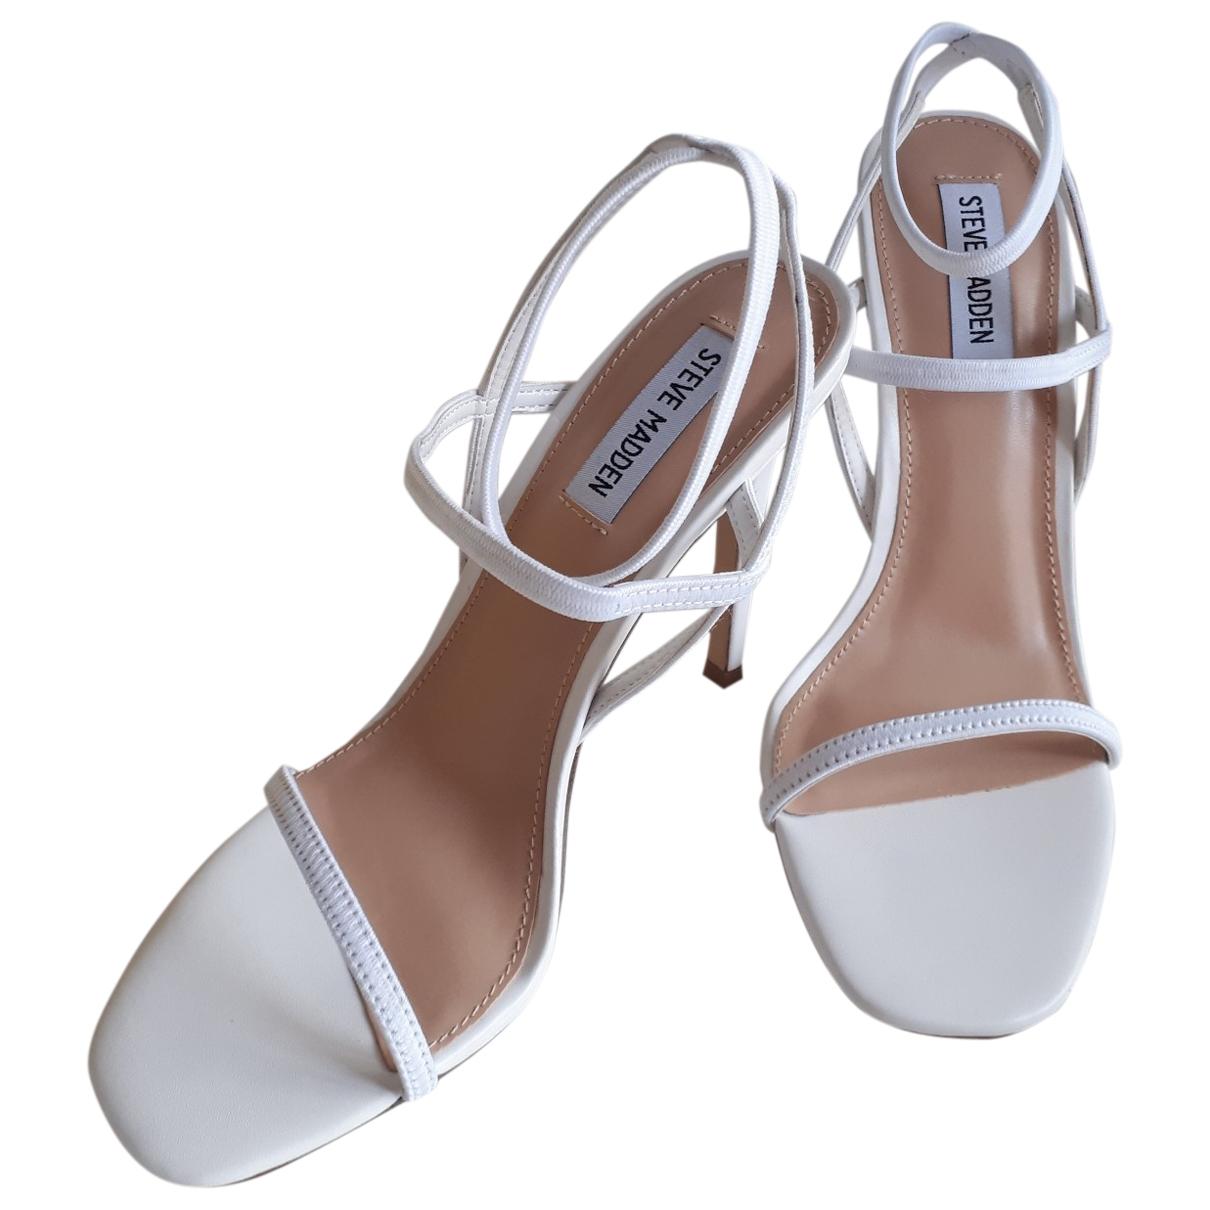 Steve Madden \N White Leather Sandals for Women 41 EU